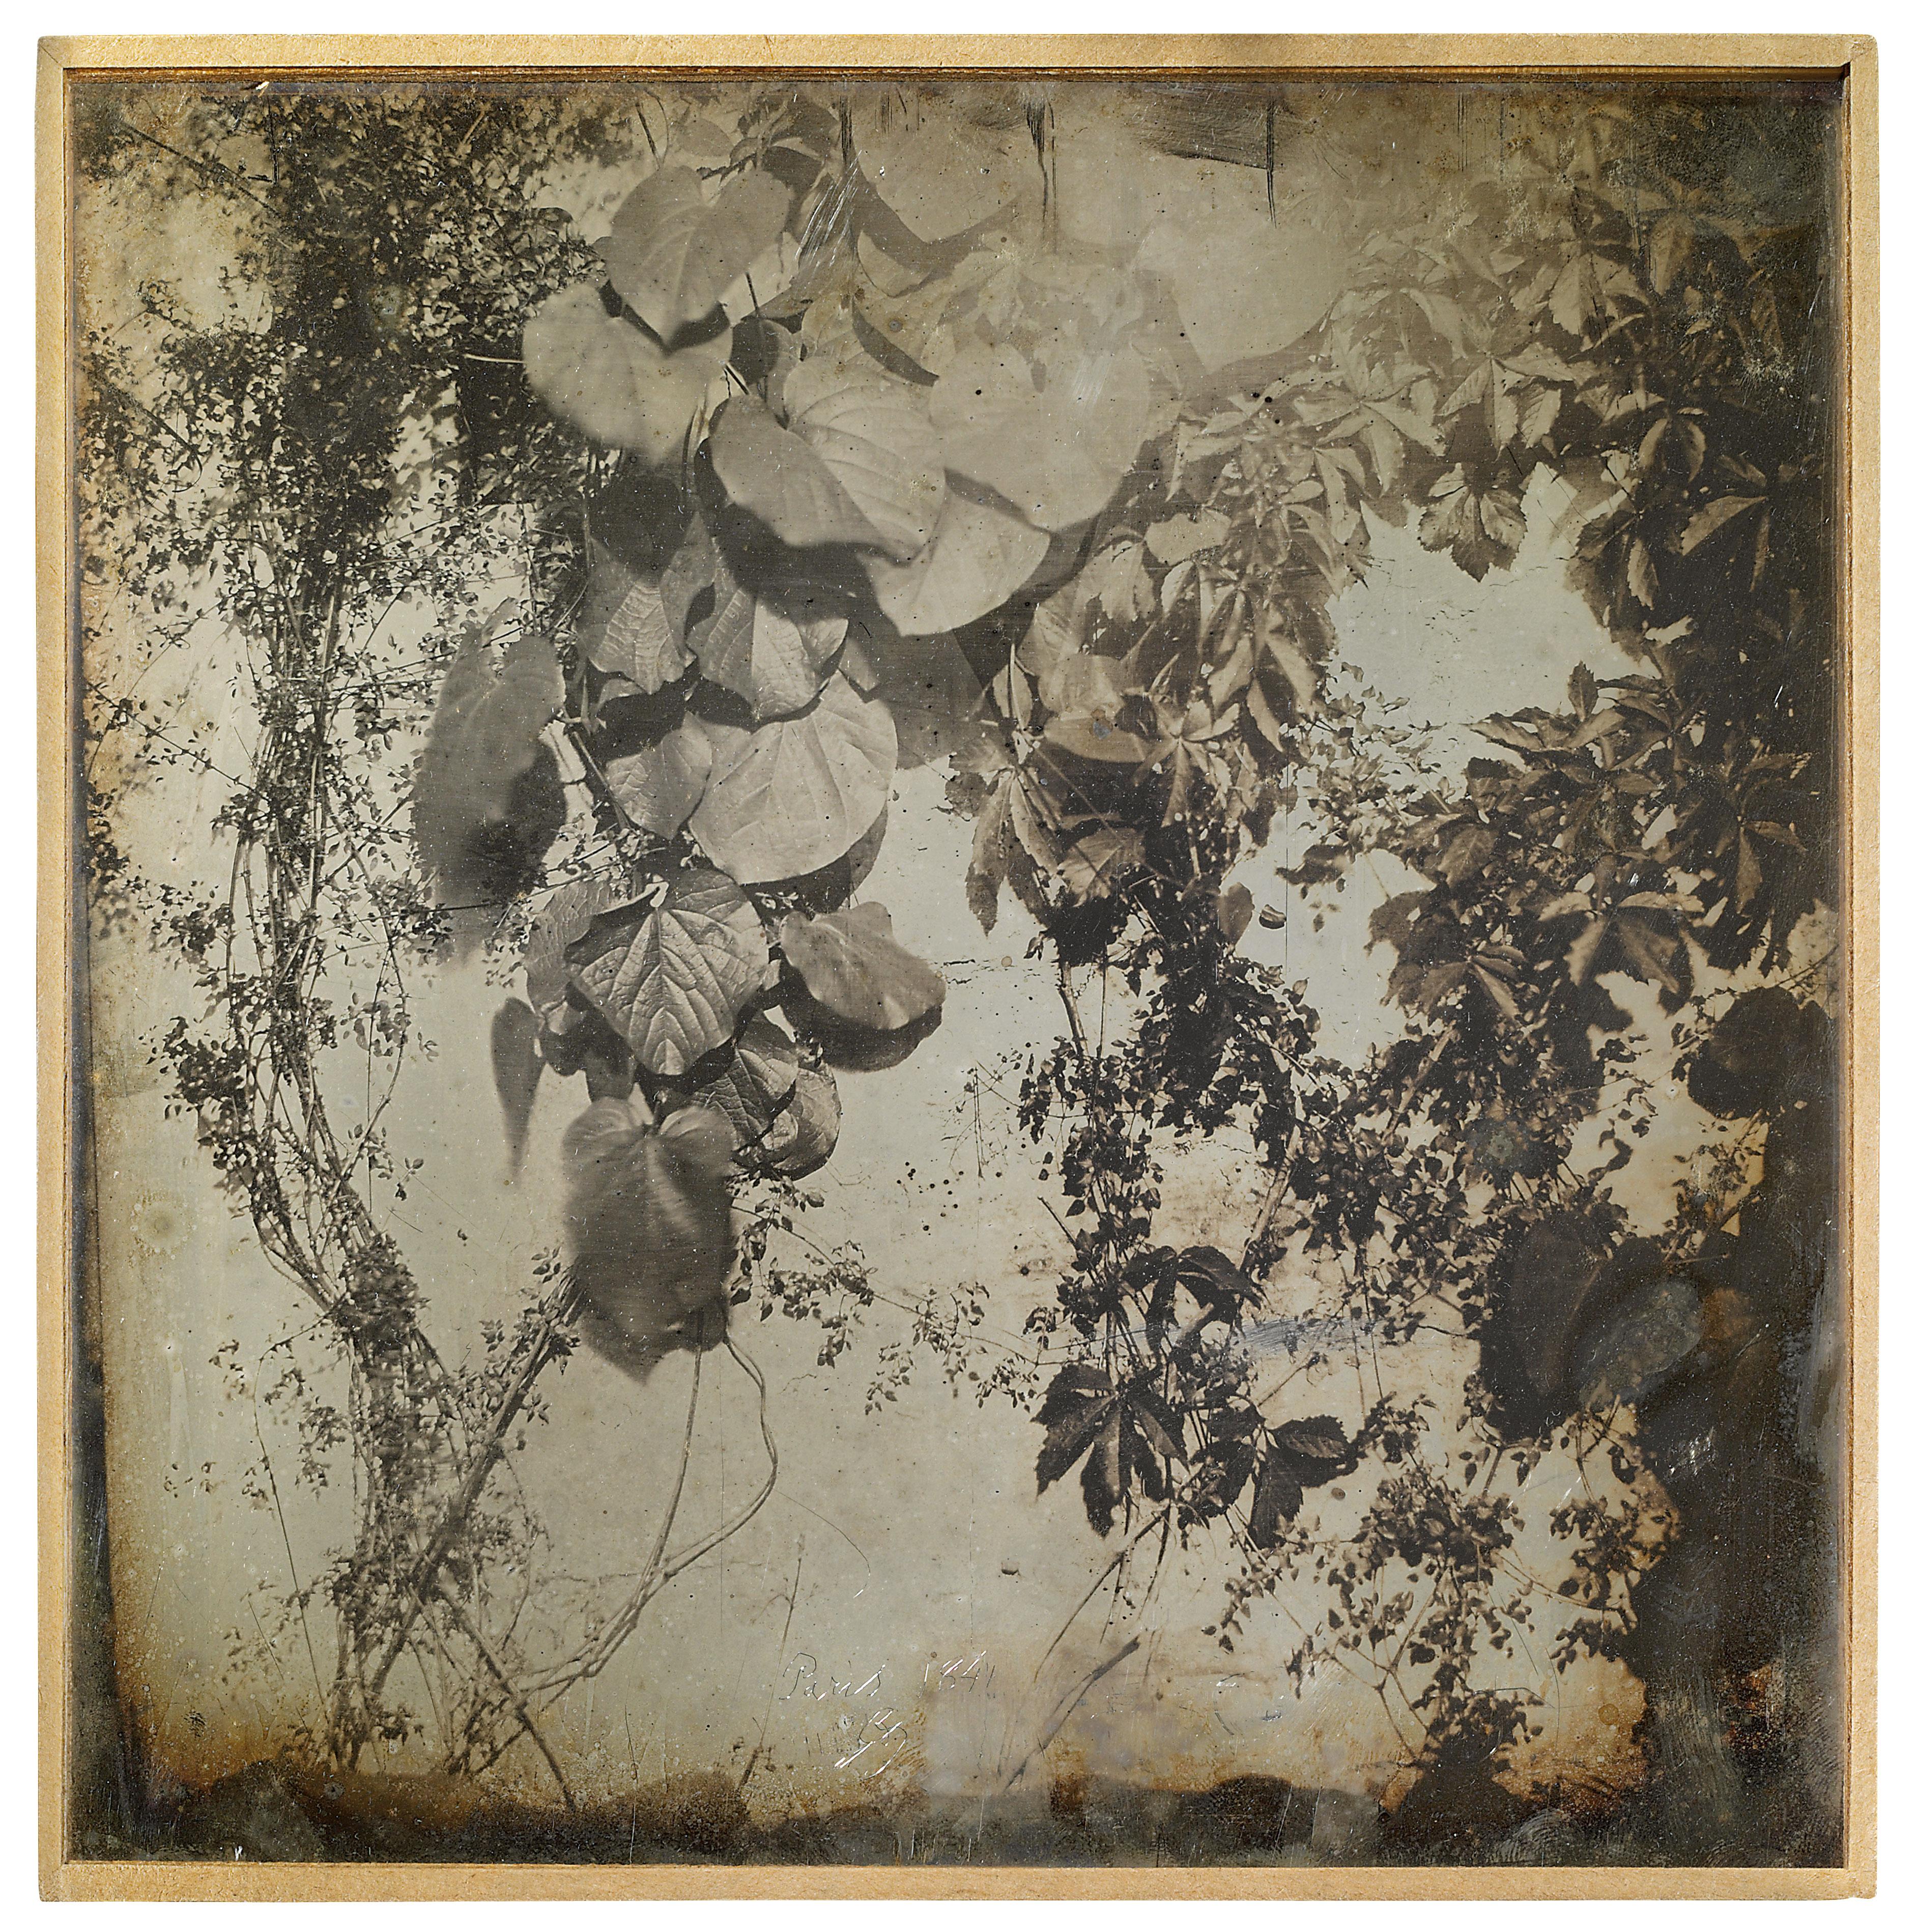 261. Paris. 1841. Etude de plantes.